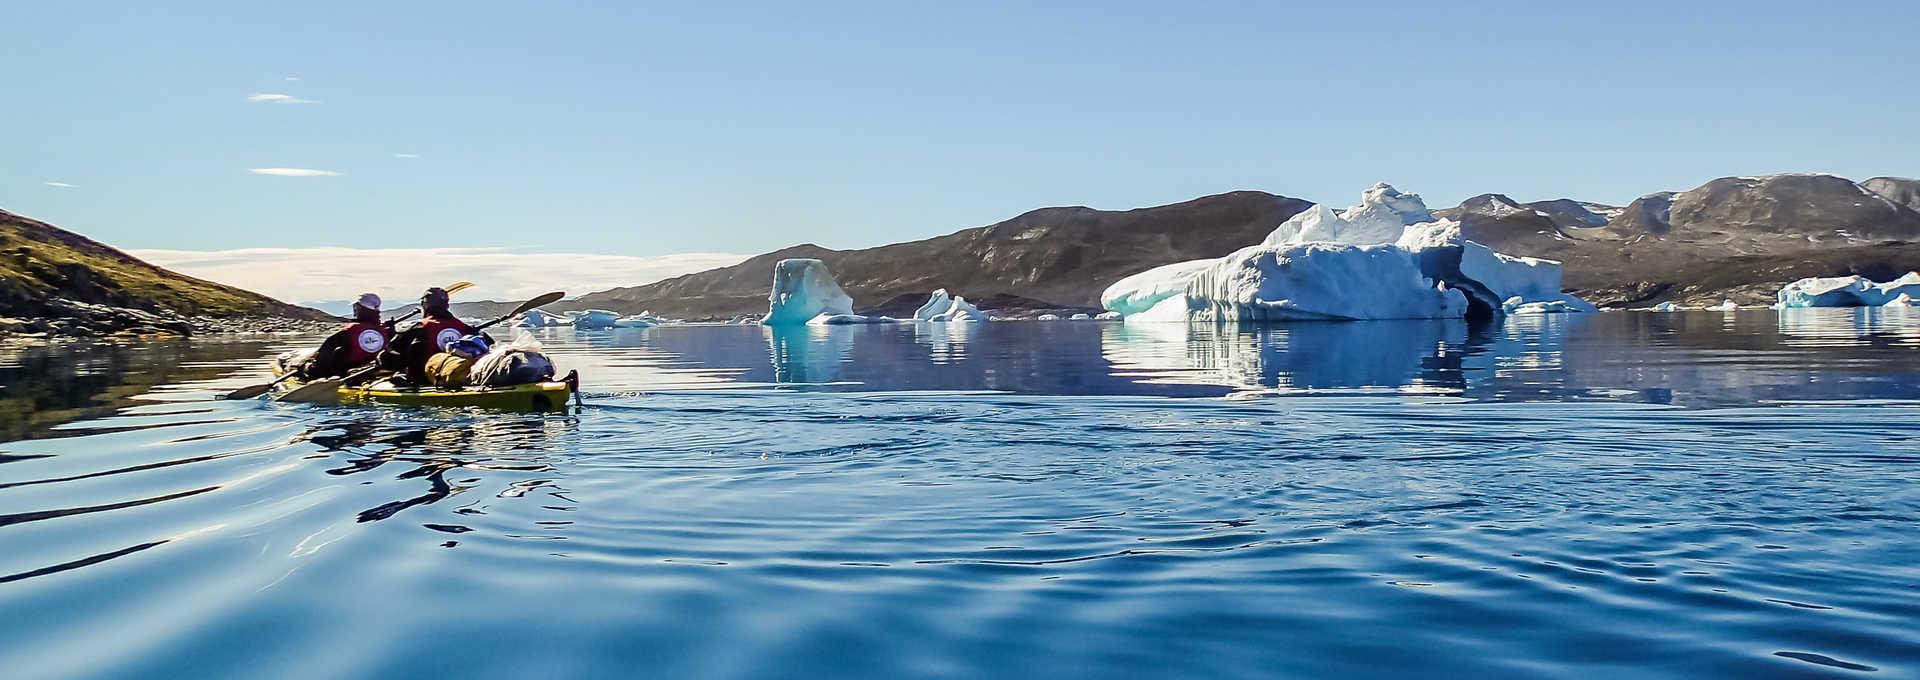 Voyage en kayak au Groenland l'été